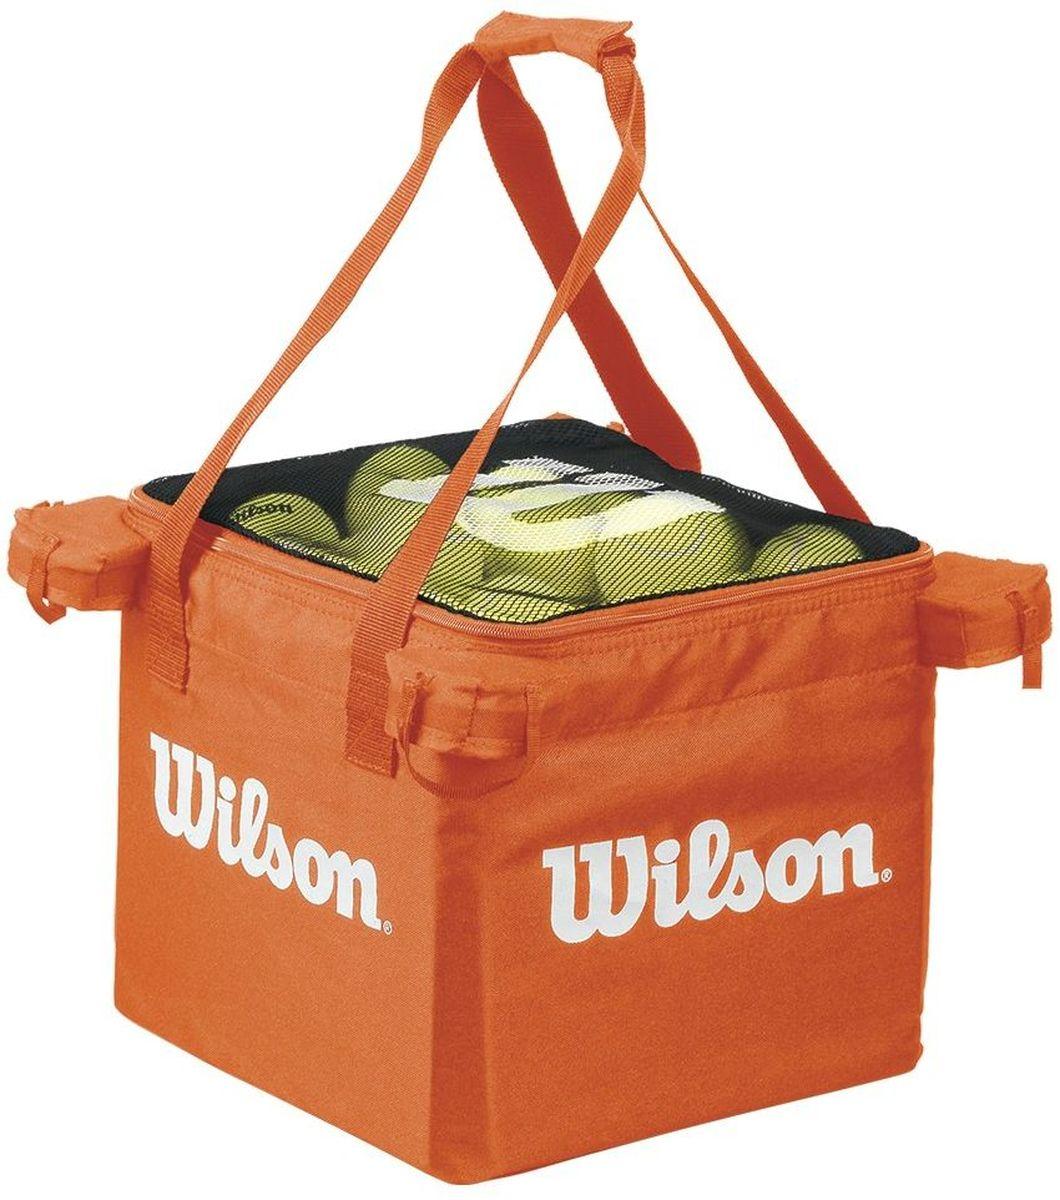 Корзина для мячей Wilson Teaching Cart, цвет: оранжевыйWRZ541100Универсальная корзина для тренировок. Поможет оптимизировать тренировочный процесс. Может использоваться как основная корзина для занятий с детьми в программе Теннис до 10 лет на малых кортах, например Оранжевыми мячами.